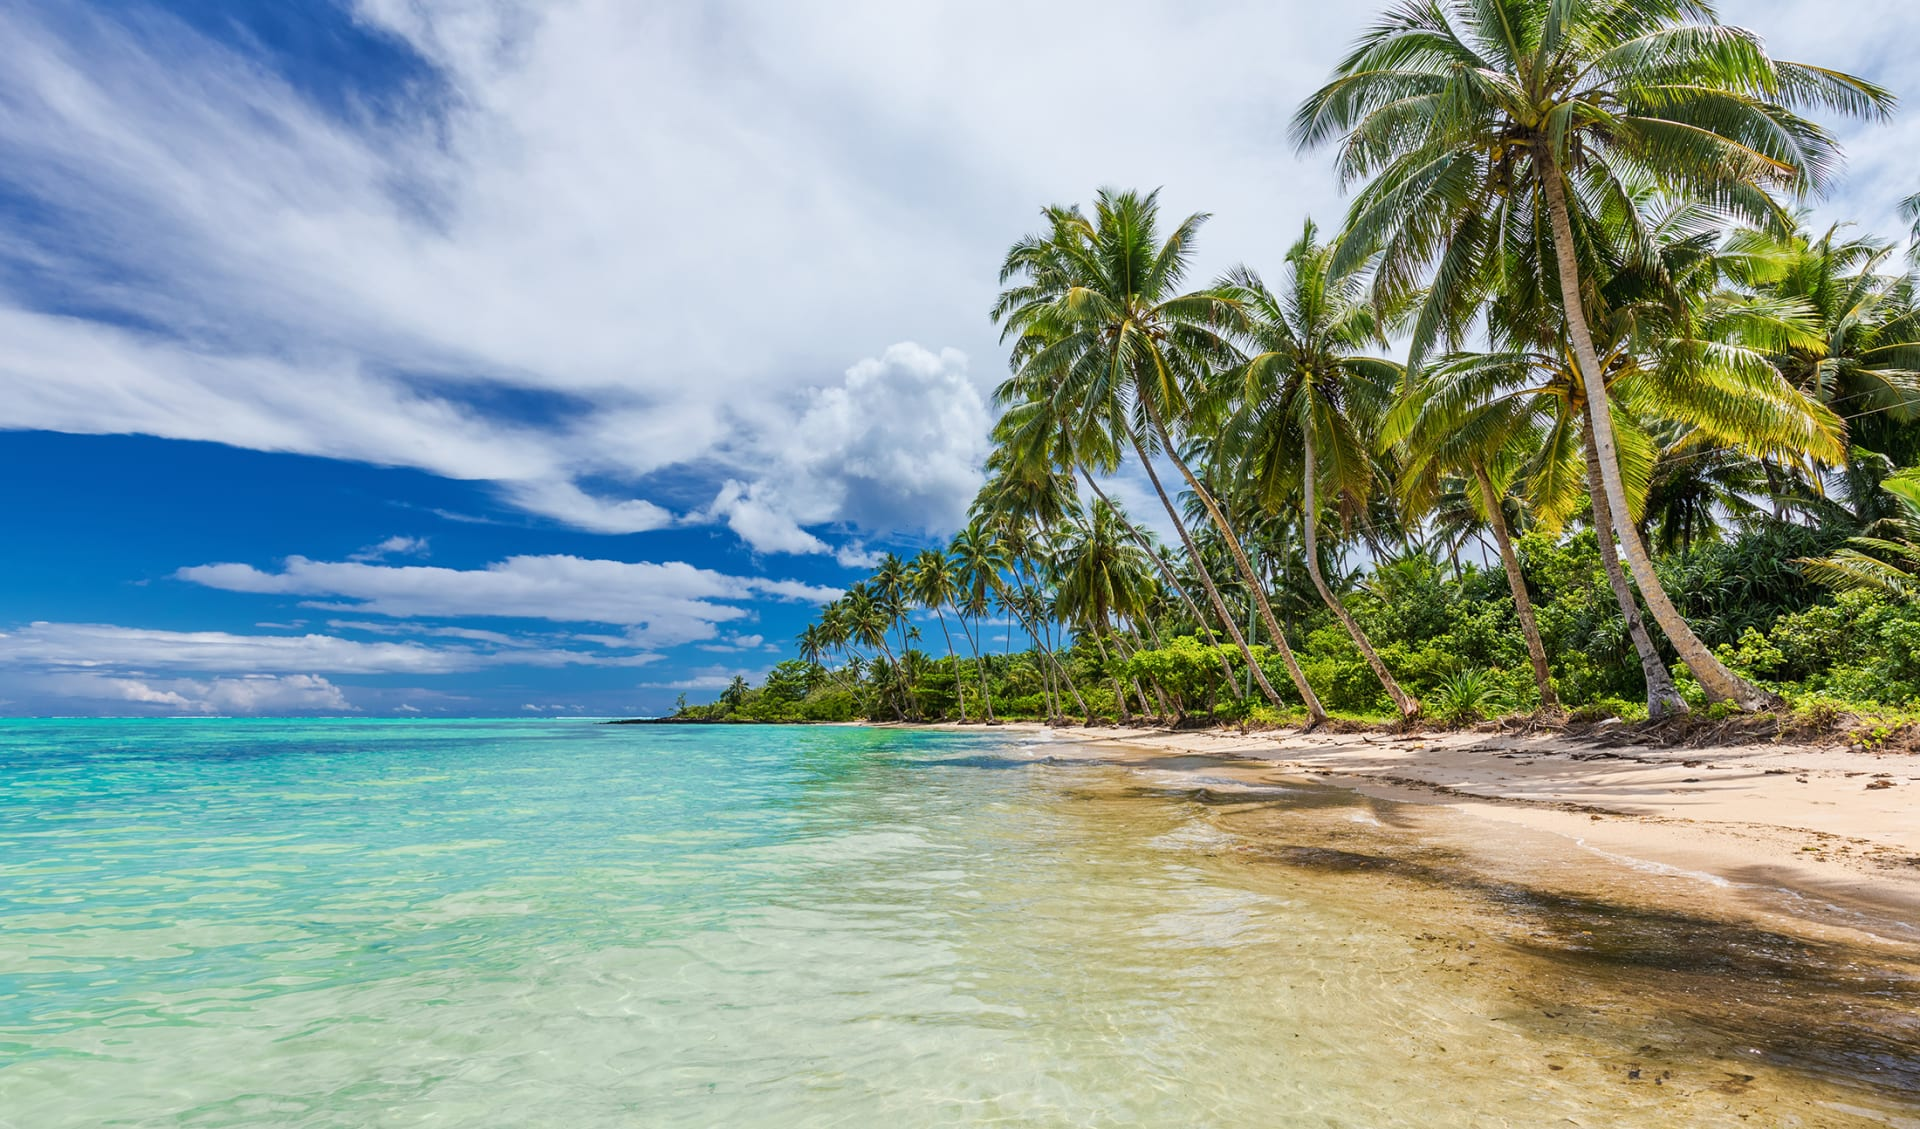 Upolu, Samoa